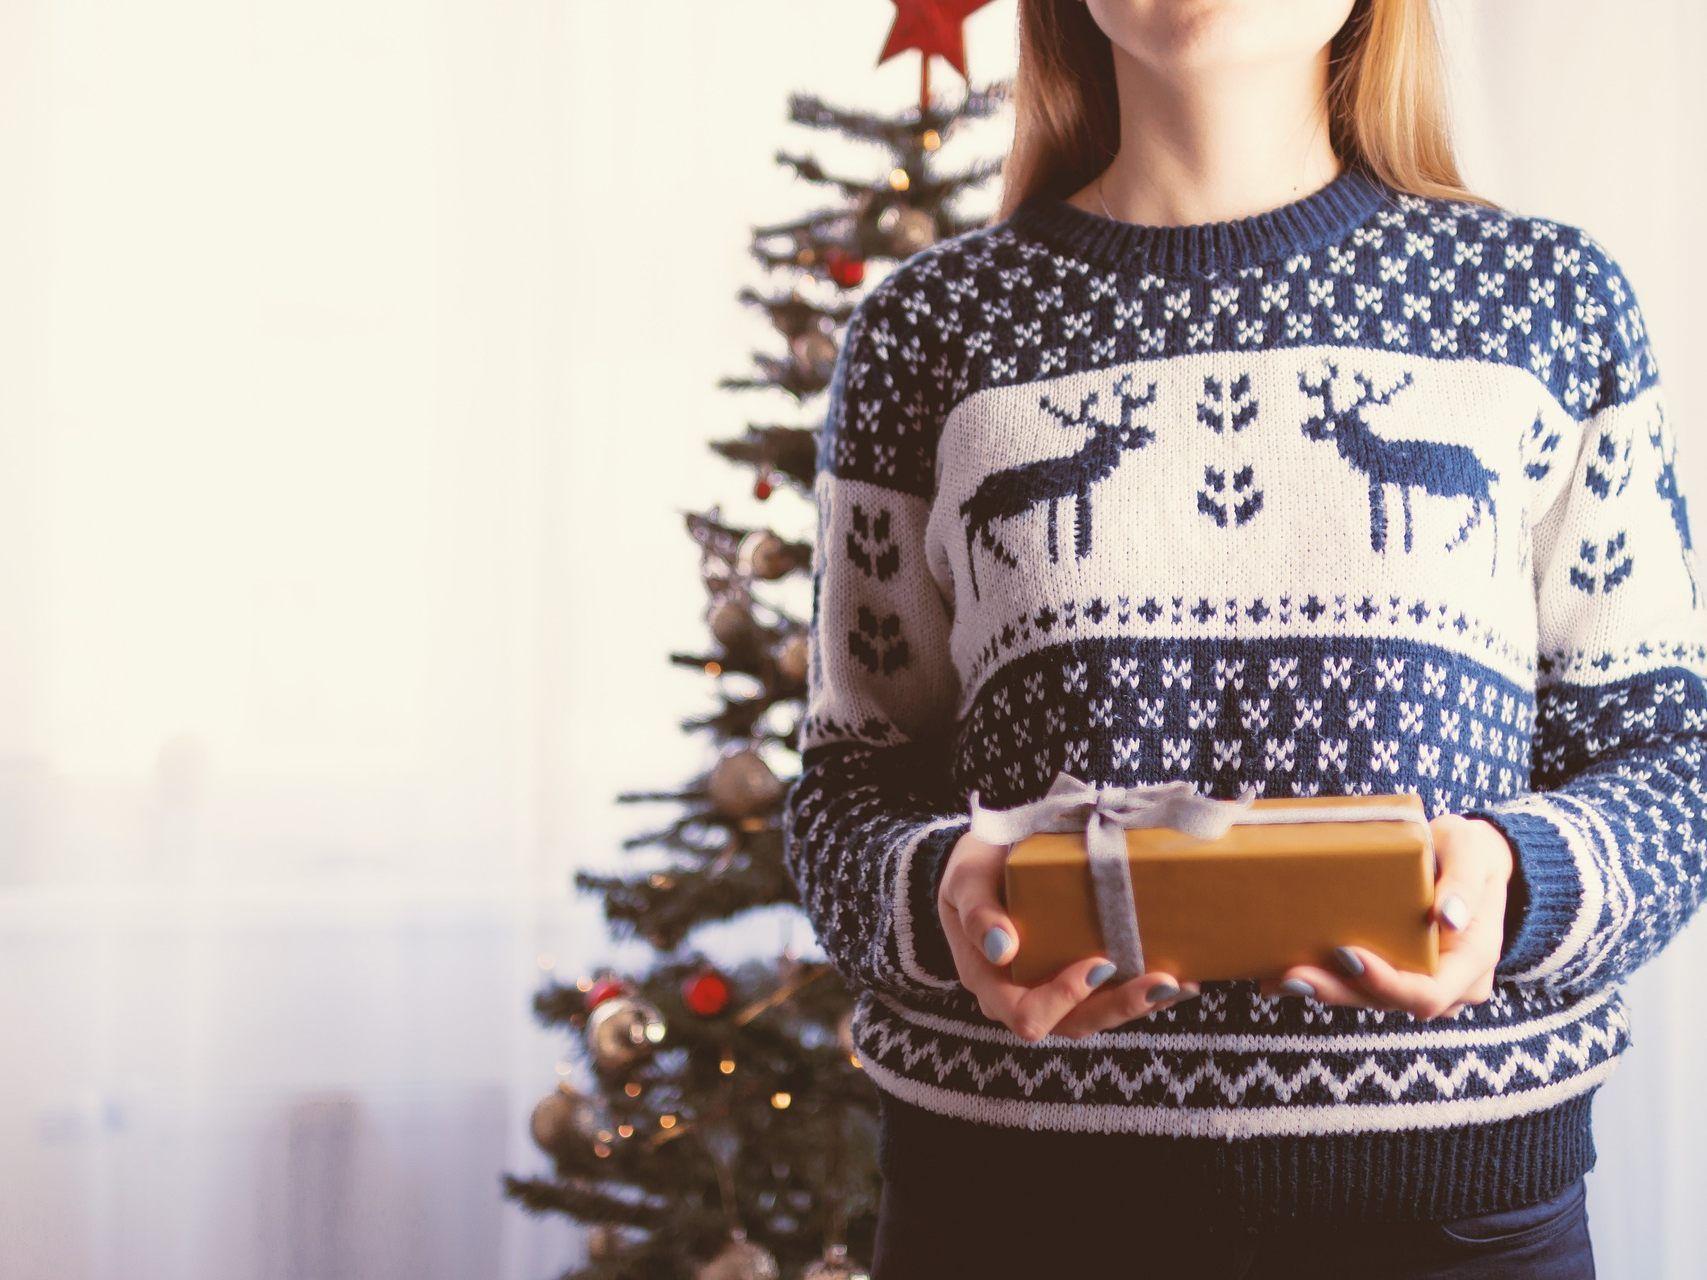 Österreich: Das sind die Weihnachtswünsche 2018 - Österreich - VIENNA.AT